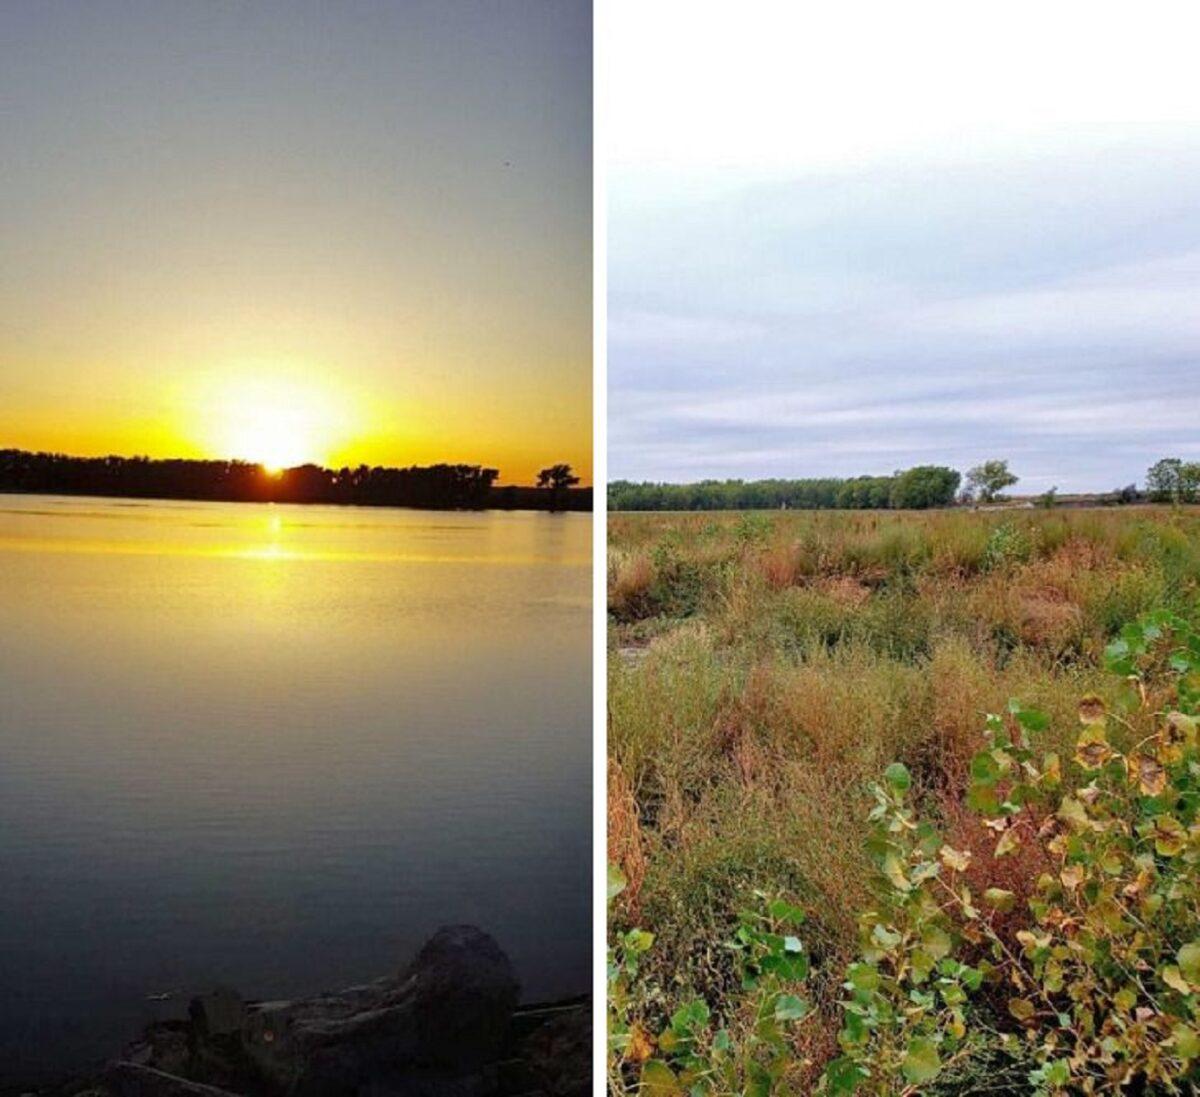 Imagens de antes e depois que mostram que nao devemos temer a passagem do tempo 9